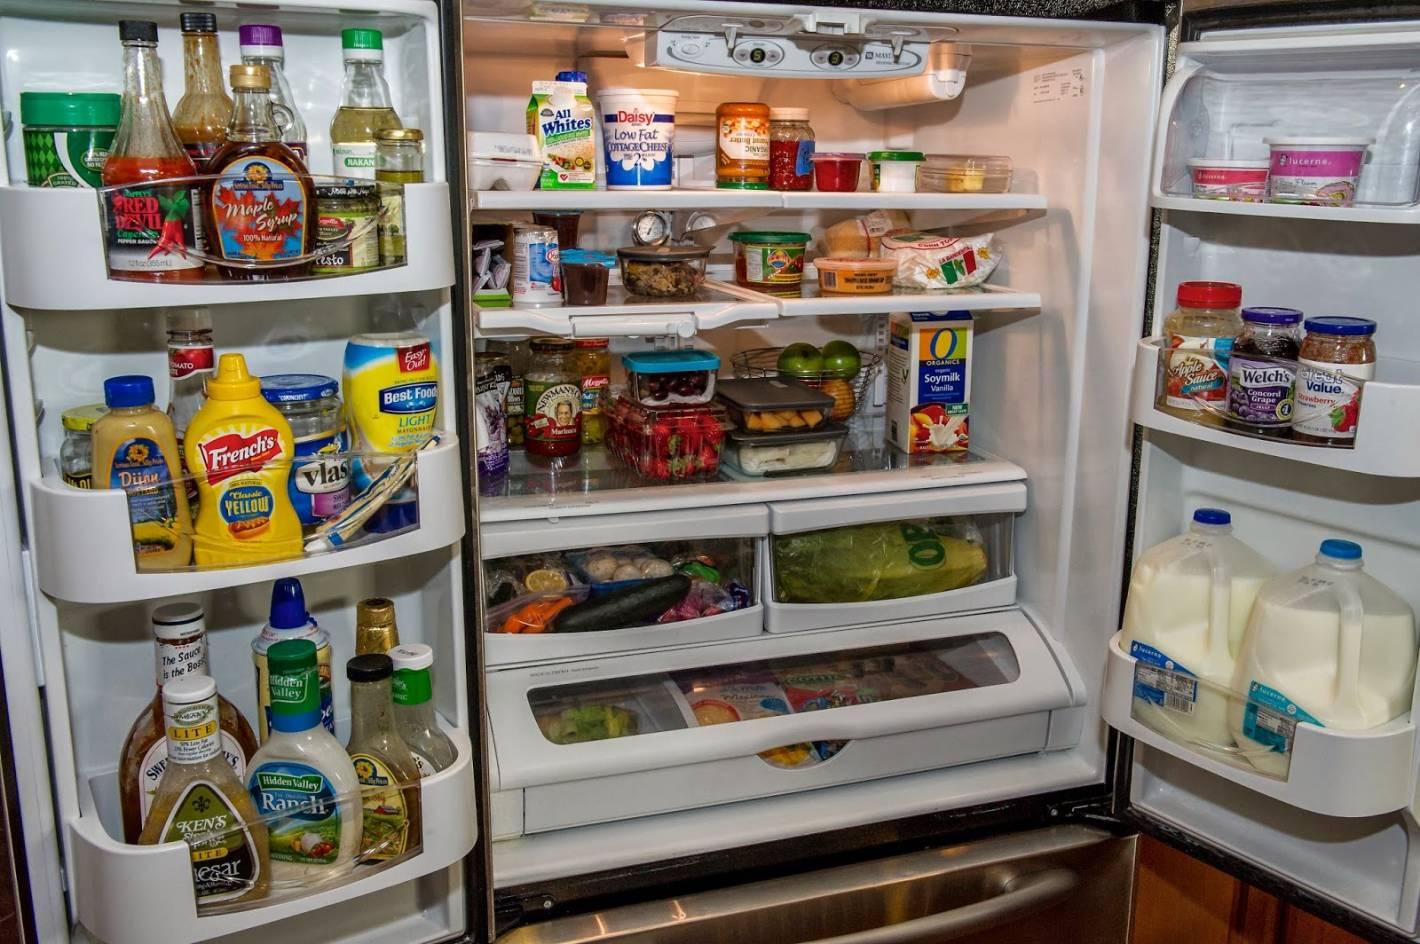 Cu nto tiempo duran los alimentos en el freezer - Temperatura freezer casa ...